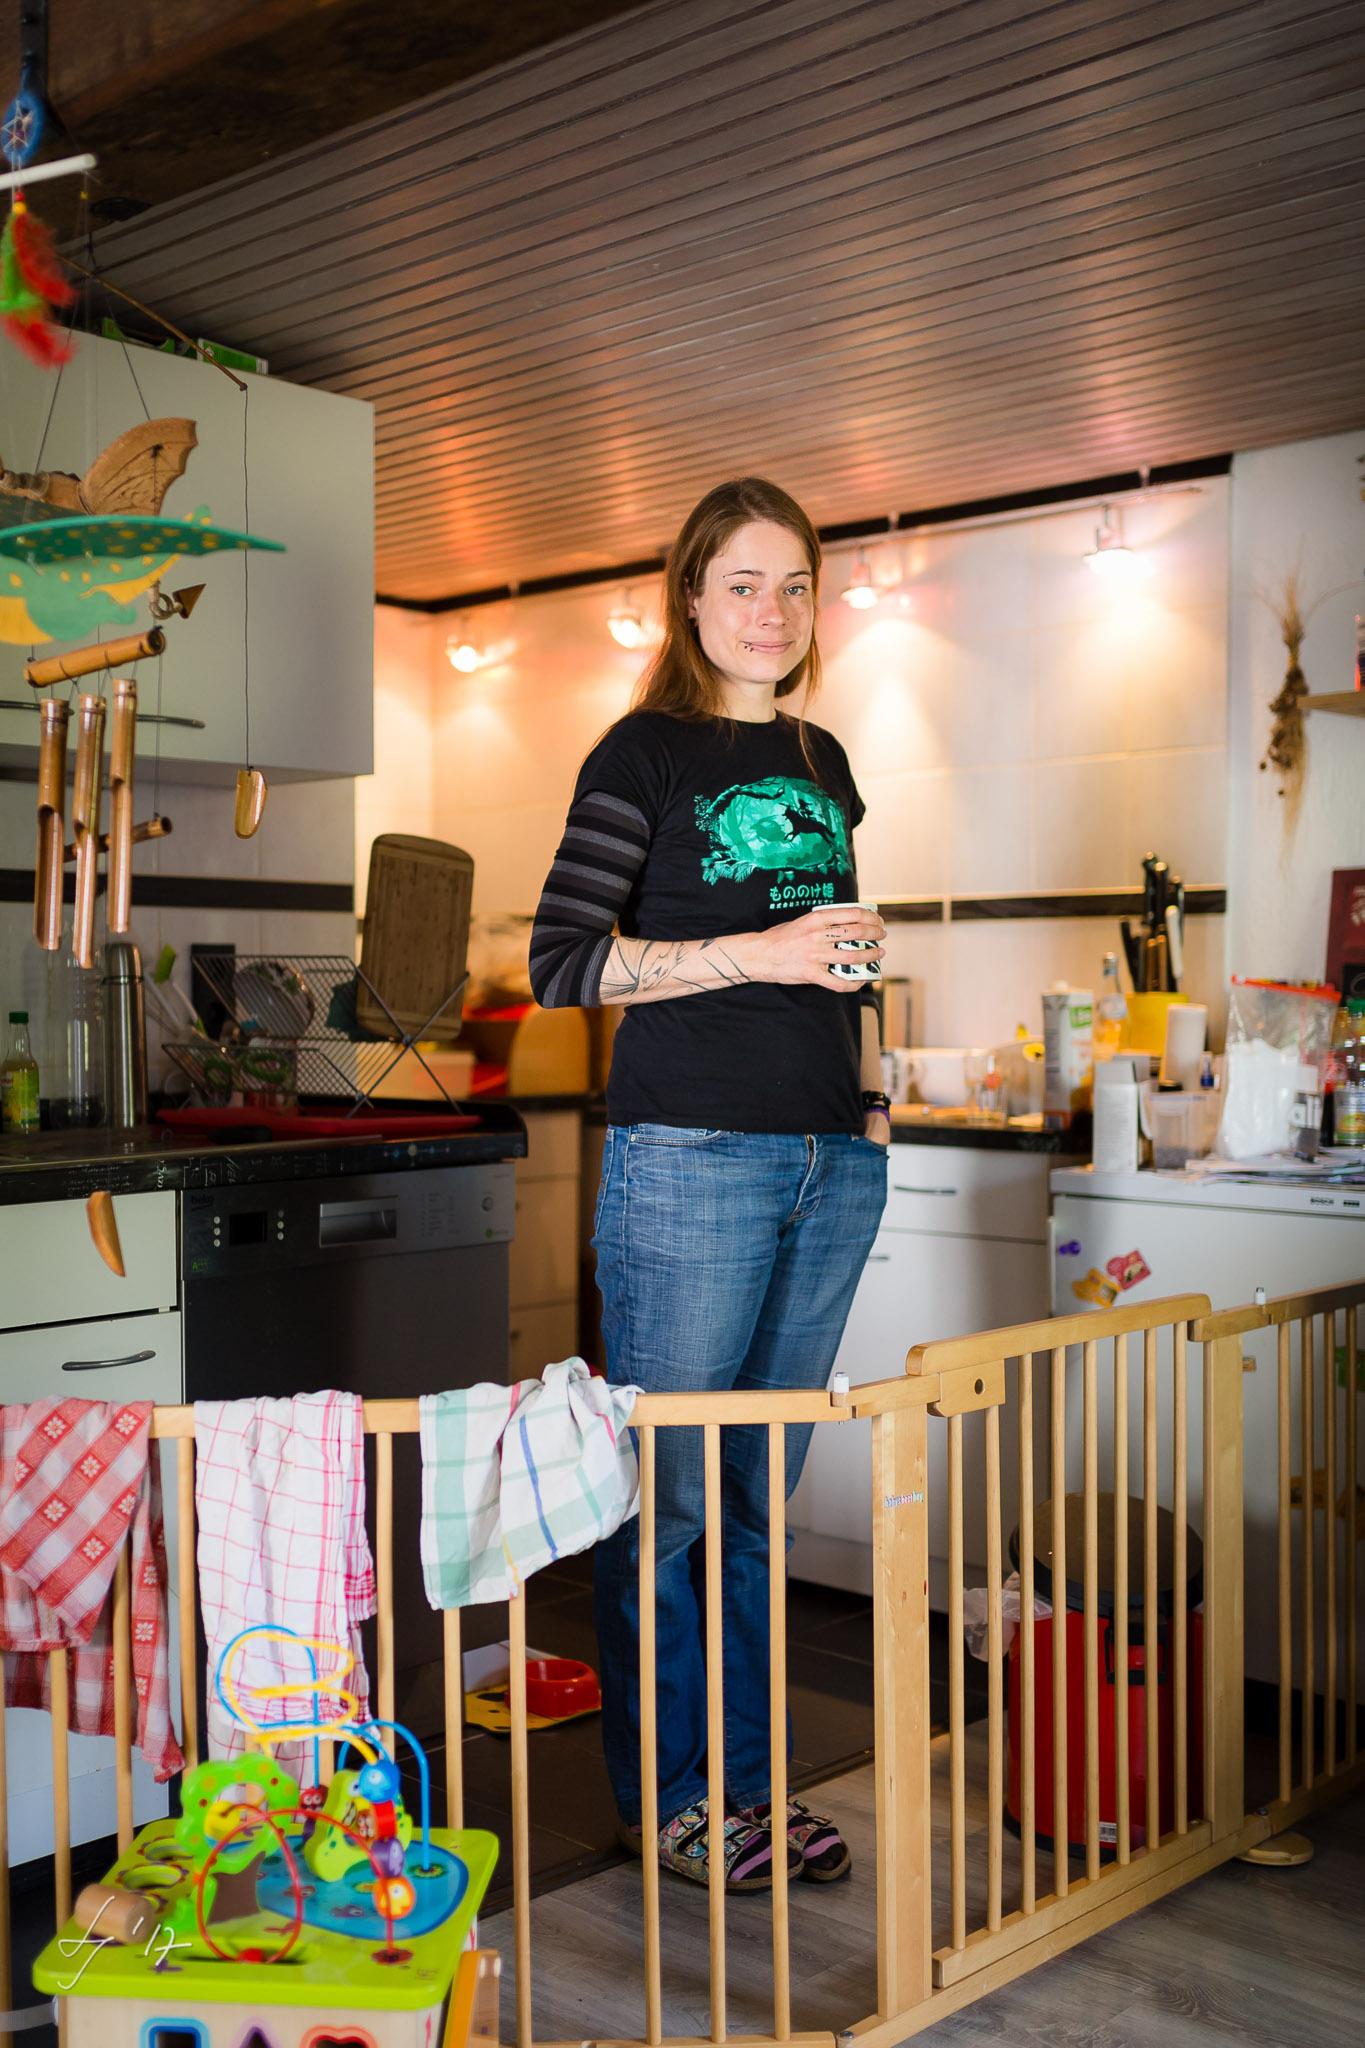 Anna-Jäger-Hauer-Künstlerportrait-zwischen-kind-kunst-und-arbeit